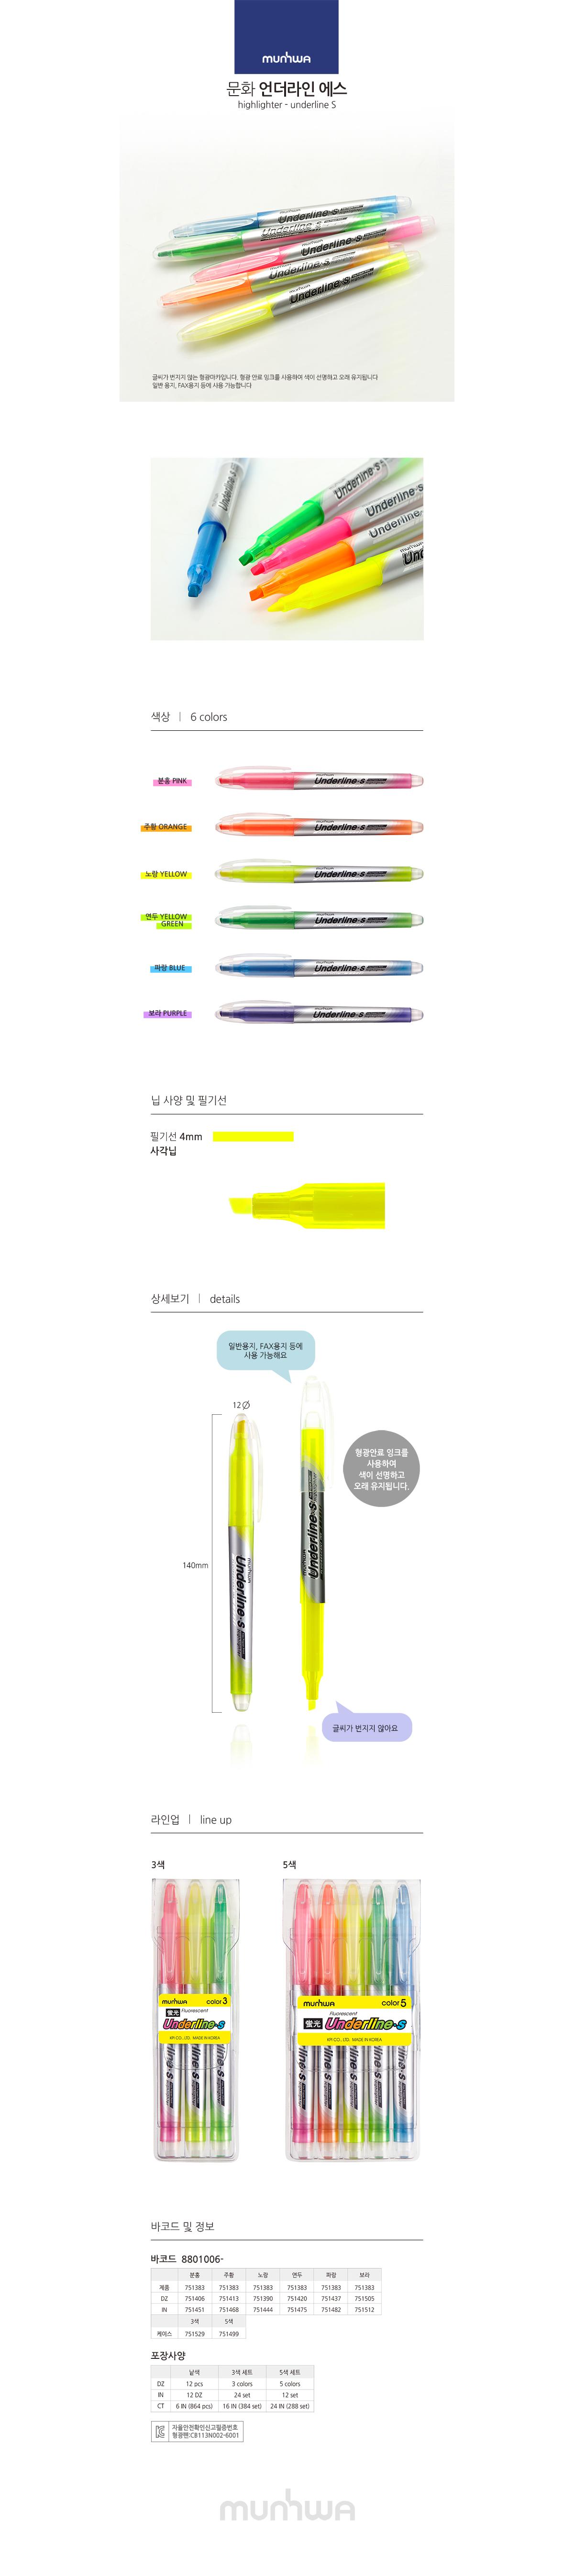 언더라인 에스형광펜 3색세트(4.0mm 분홍 노랑 녹색)900원-오피스넥스디자인문구, 필기류, 형광펜, 액체형광펜바보사랑언더라인 에스형광펜 3색세트(4.0mm 분홍 노랑 녹색)900원-오피스넥스디자인문구, 필기류, 형광펜, 액체형광펜바보사랑